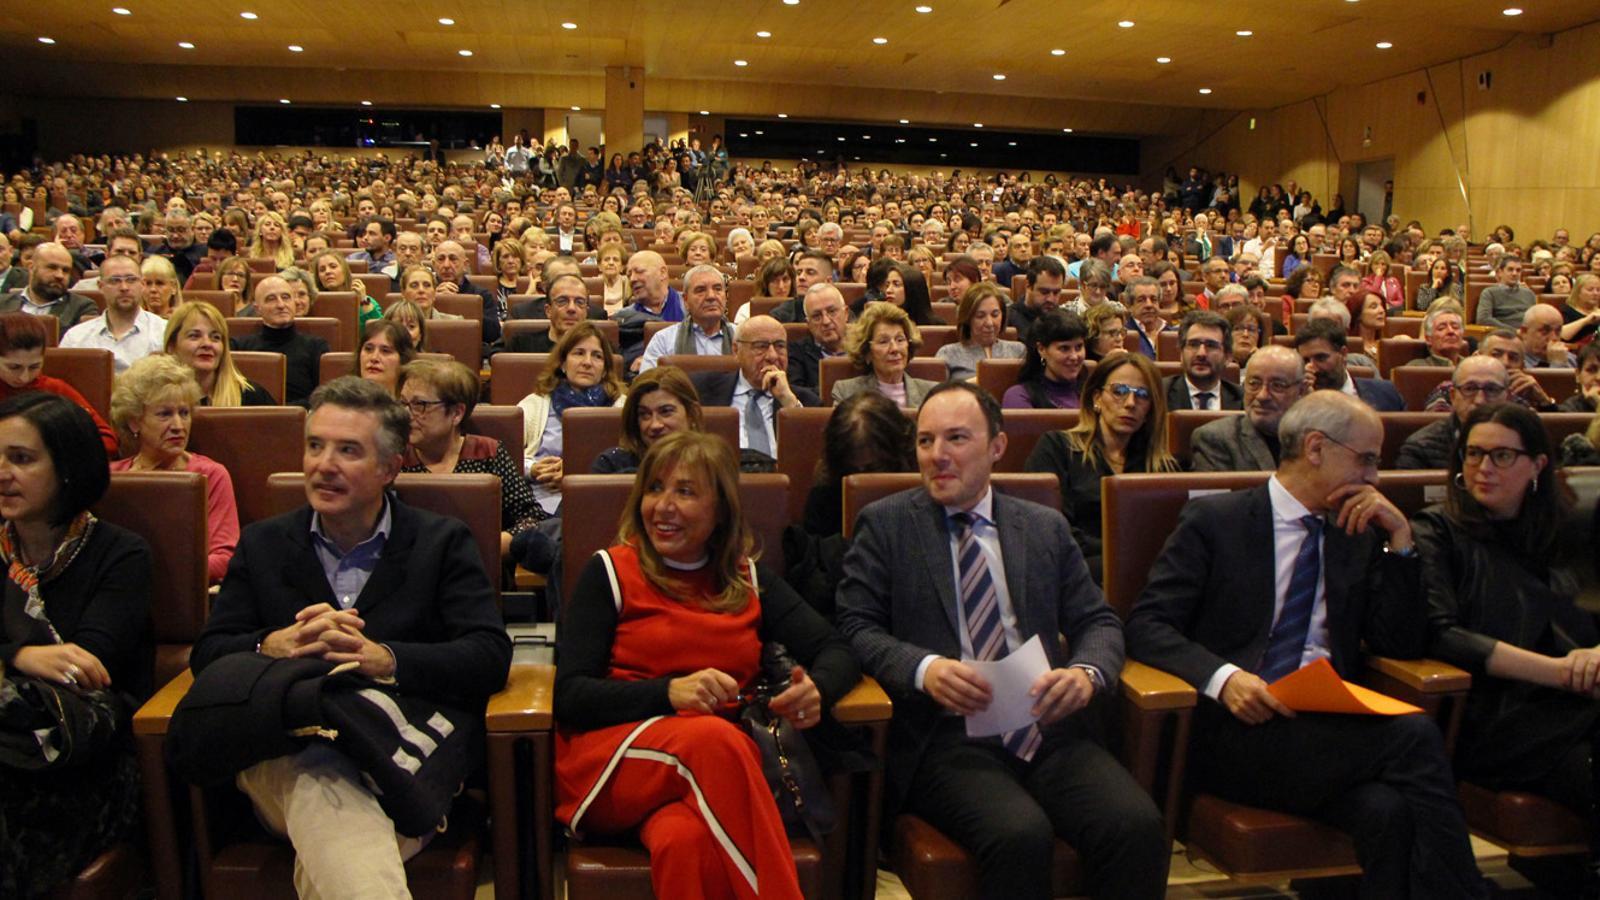 Ple en l'acte de presentació de campanya de Xavier Espot com a candidat de DA. / T. N. (ANA)